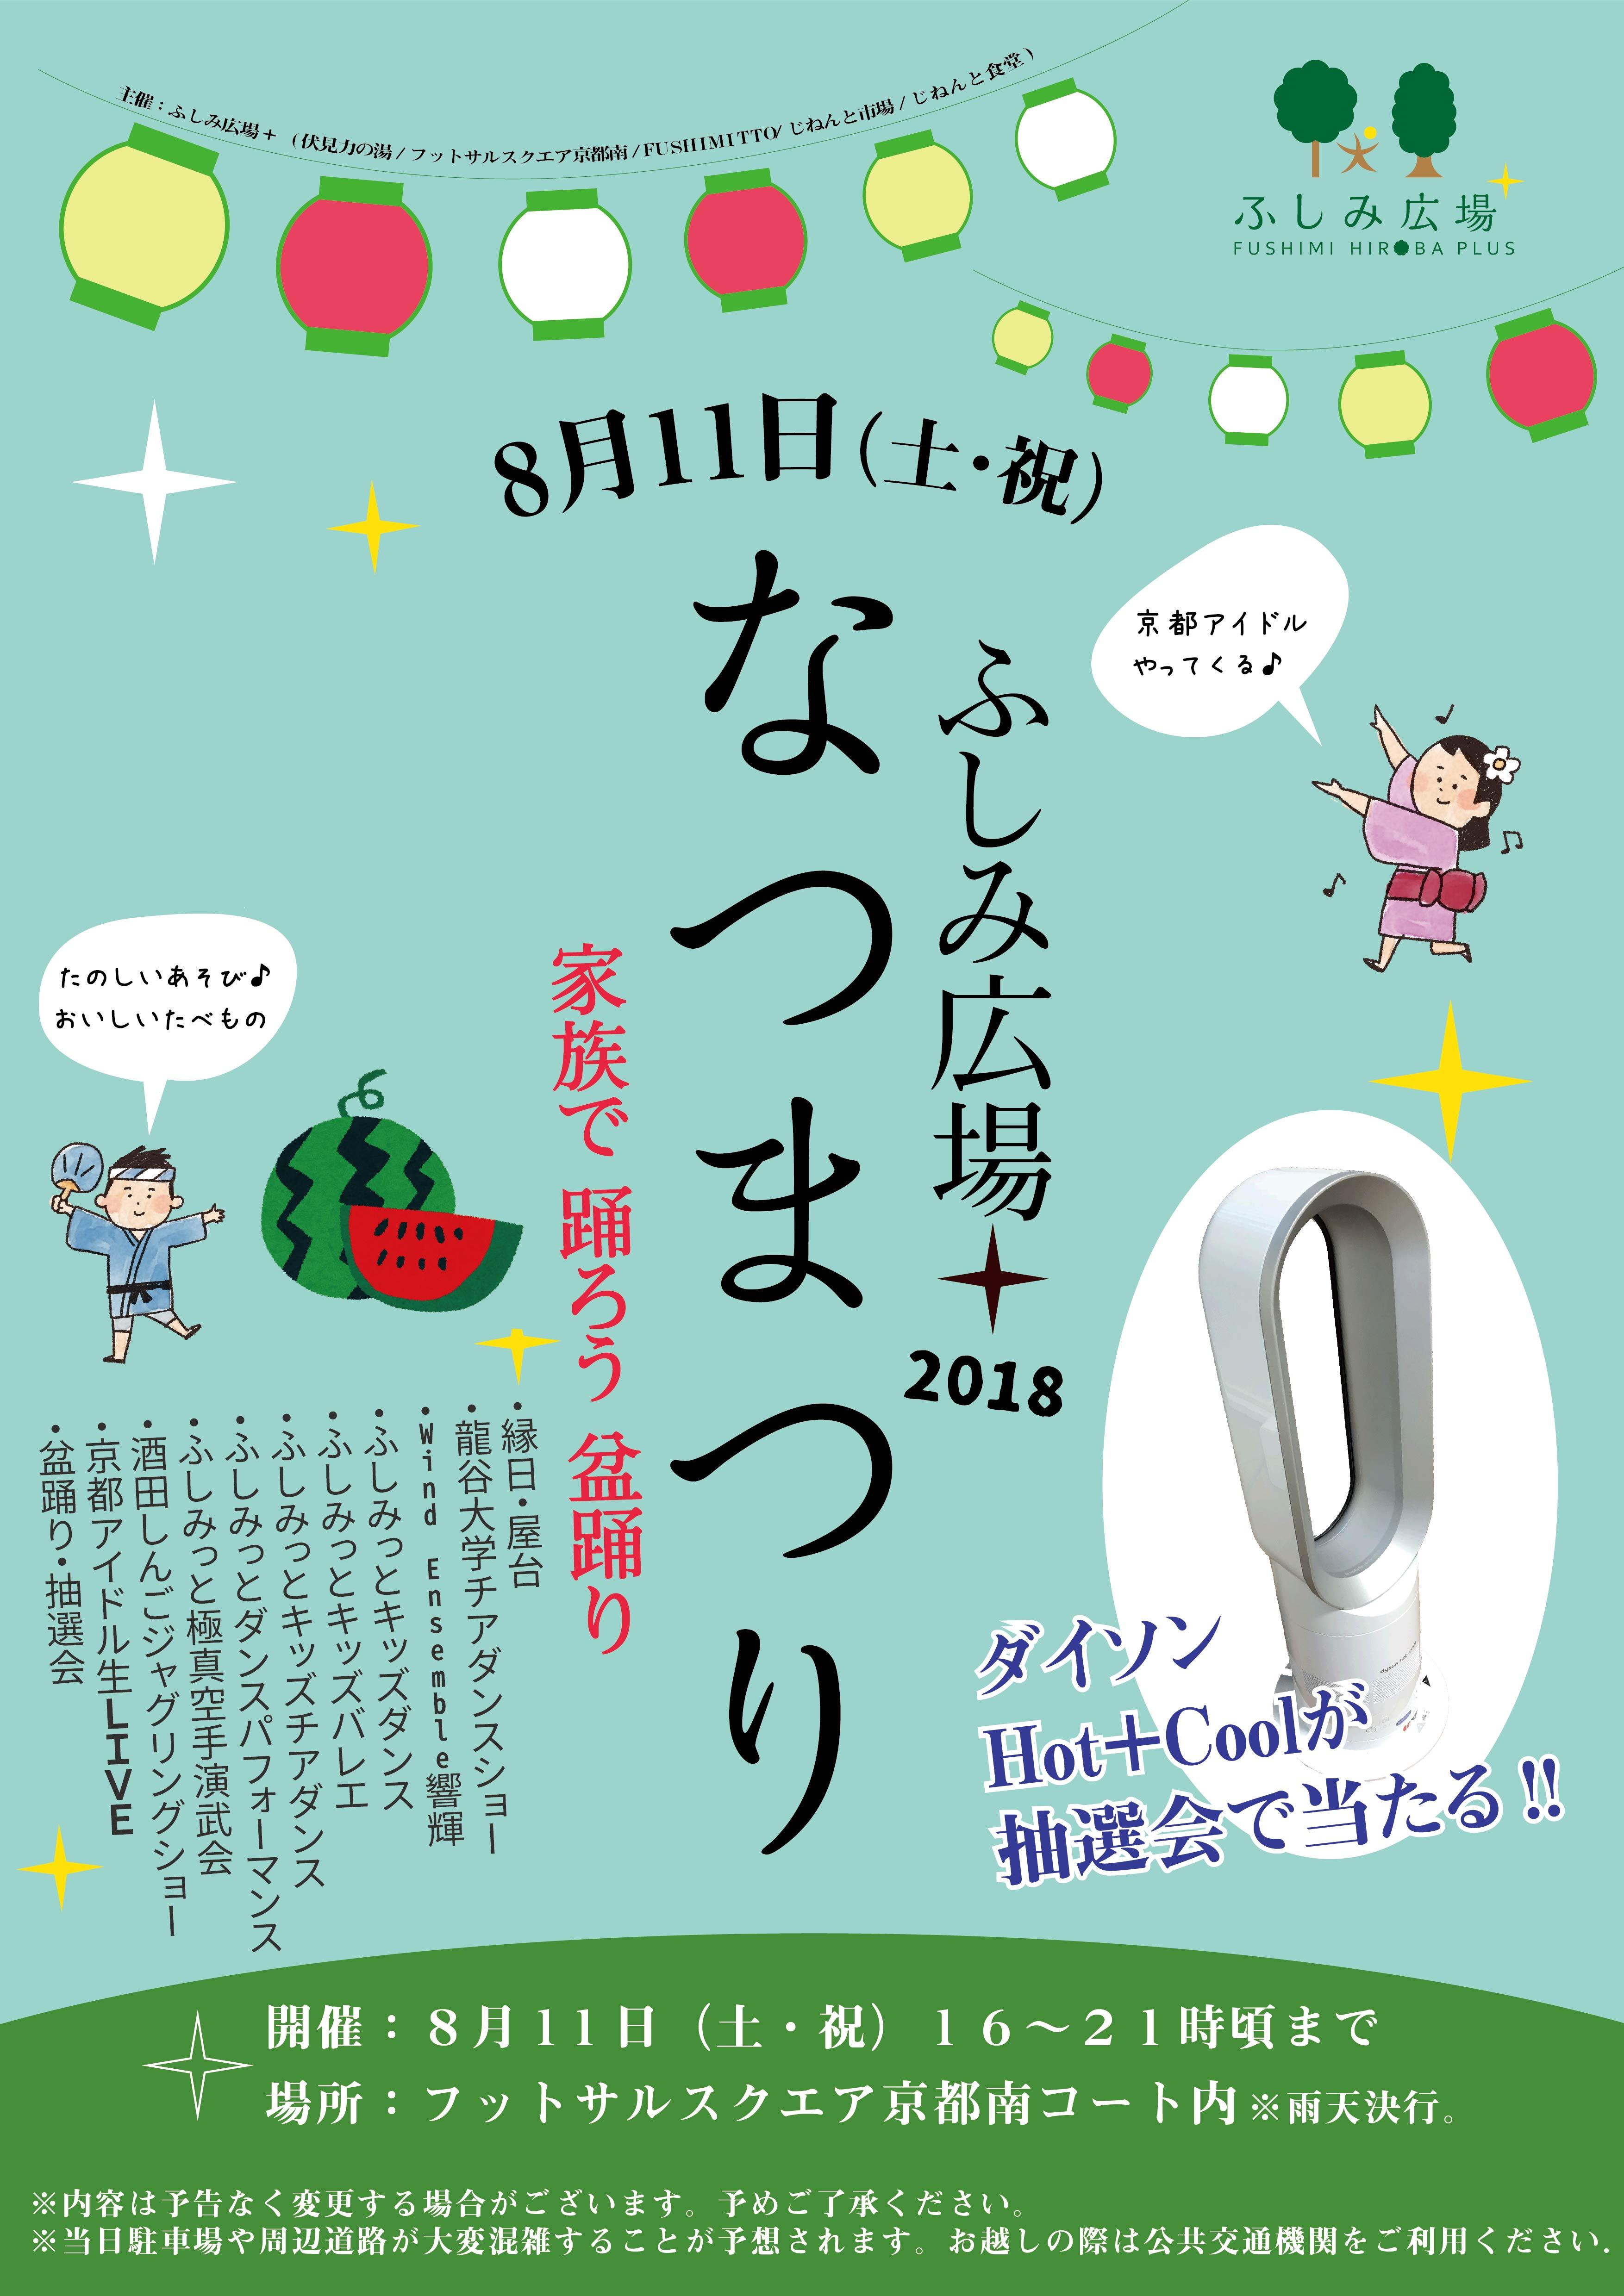 8月11日(土・祝) ふしみ広場+なつまつり開催!